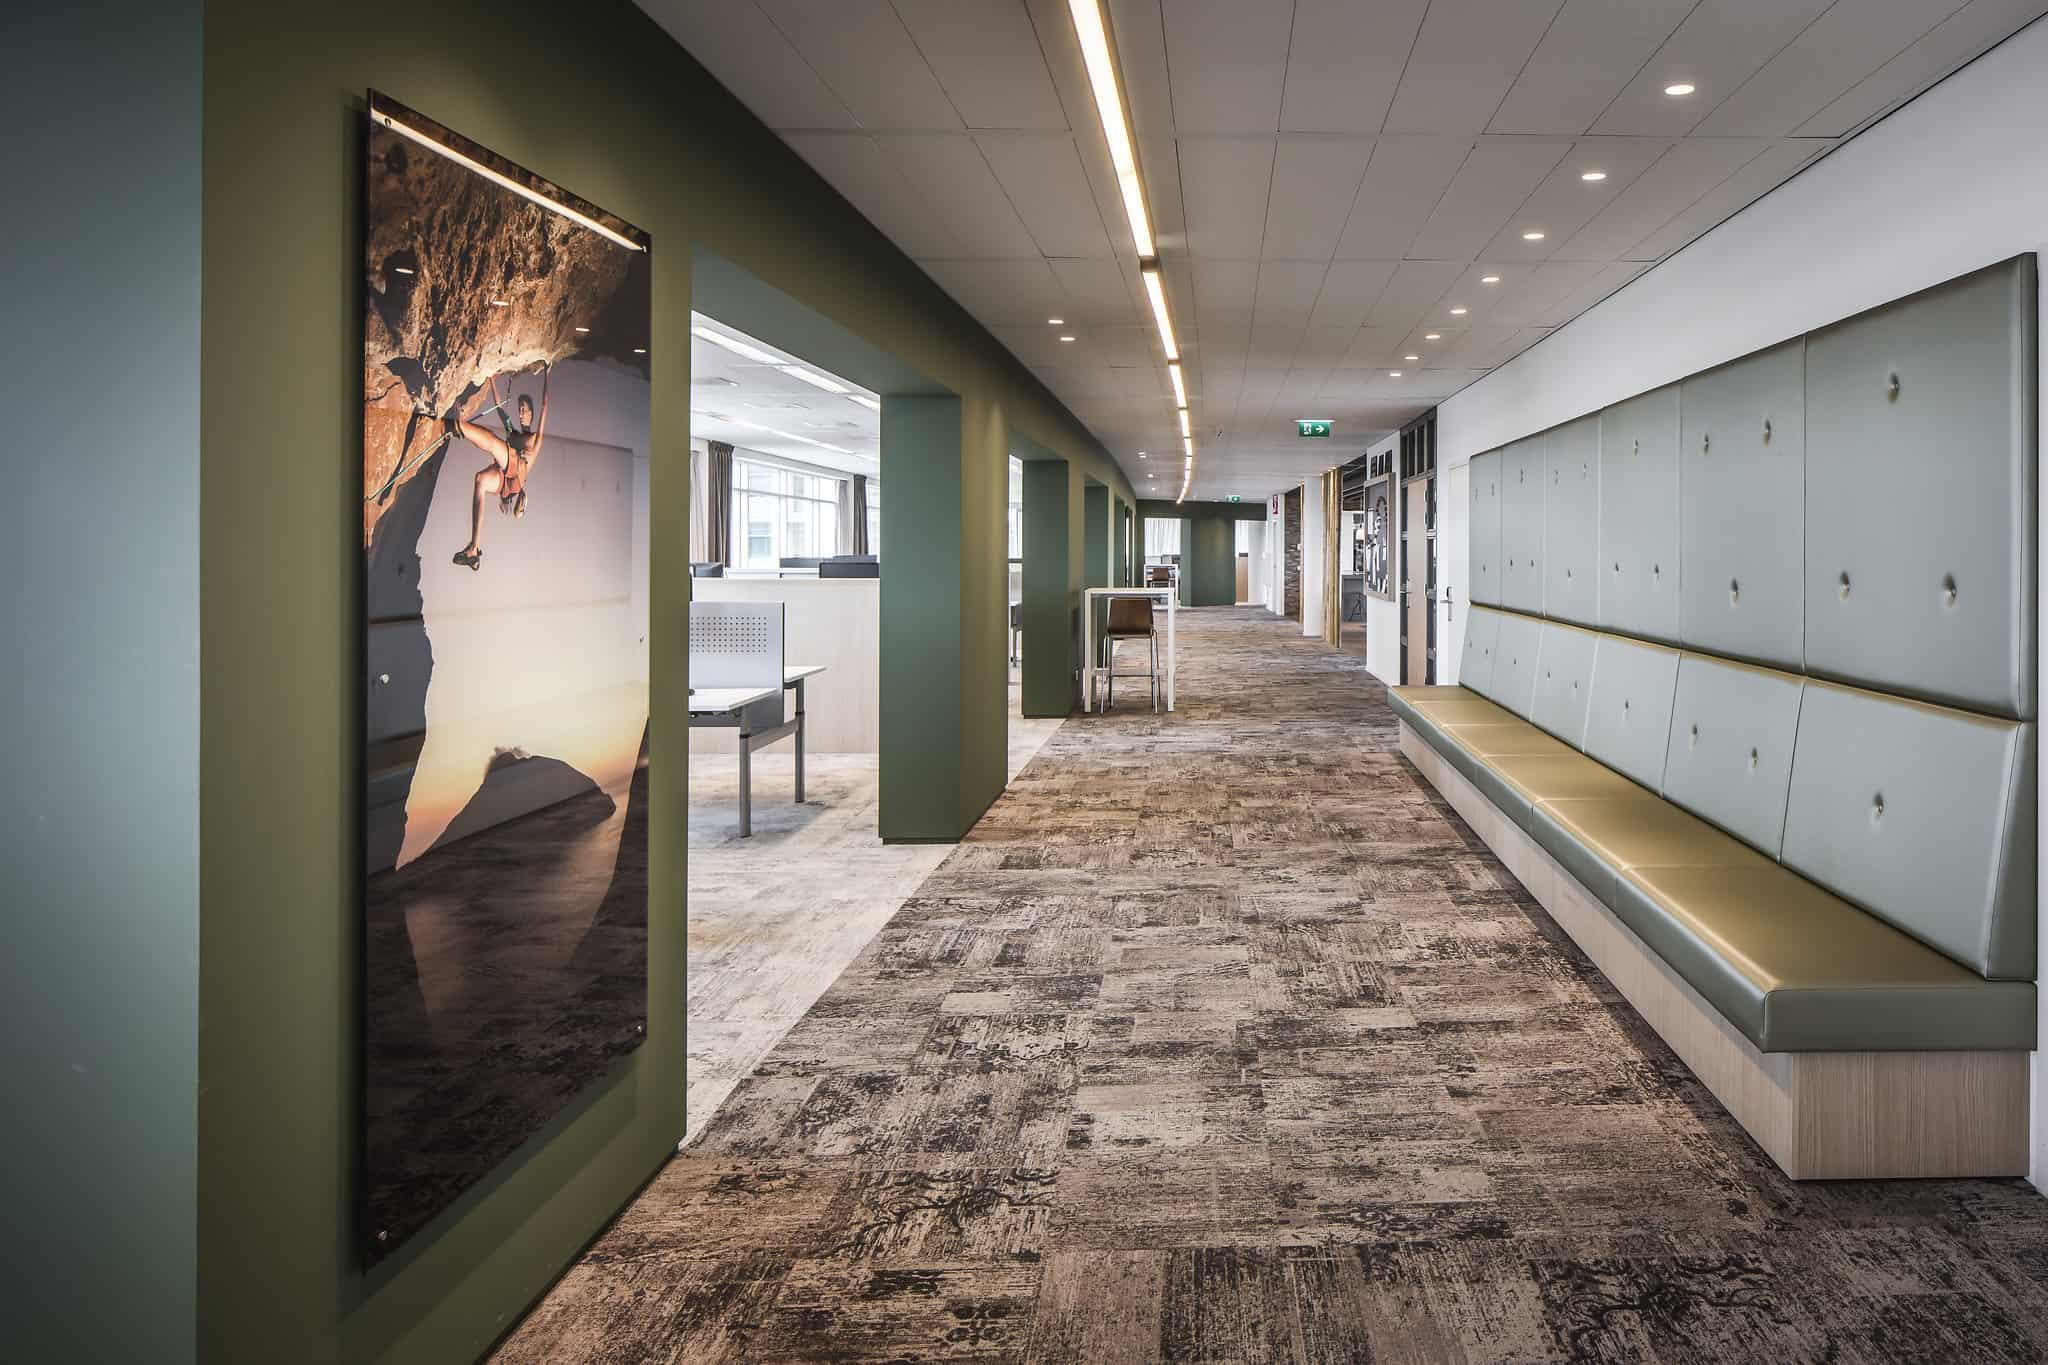 Klap interieur kantoor flexplek lange bank ontmoeting